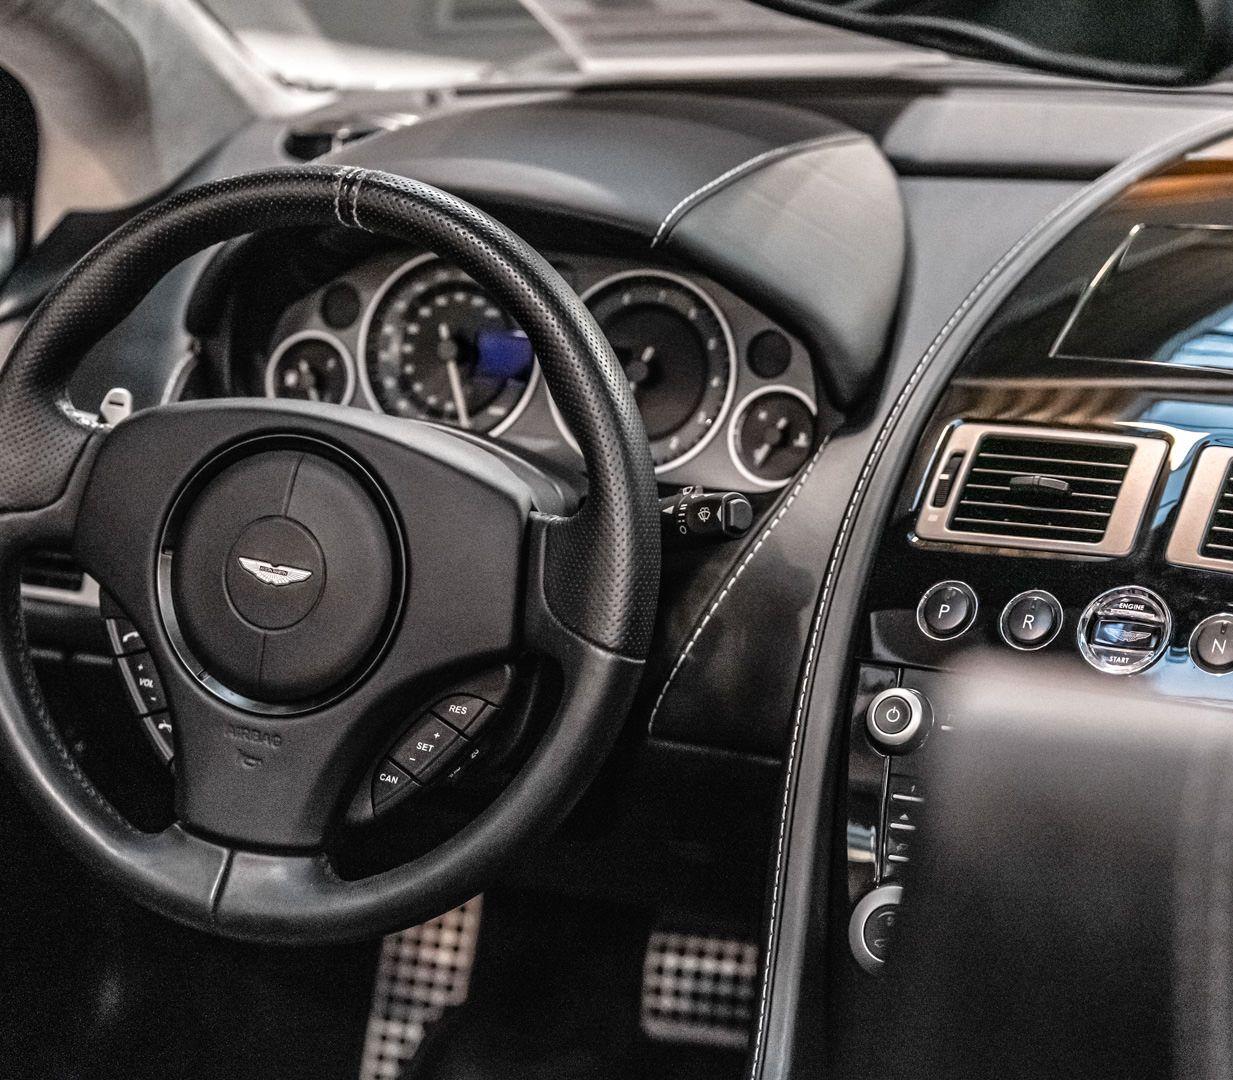 Cleanextreme Set Auto Innenreiniger Mikrofaser Reinigungshandschuh Innenraum Cleanextreme Autopflege Online Shop Reinigen Autos Handschuhe